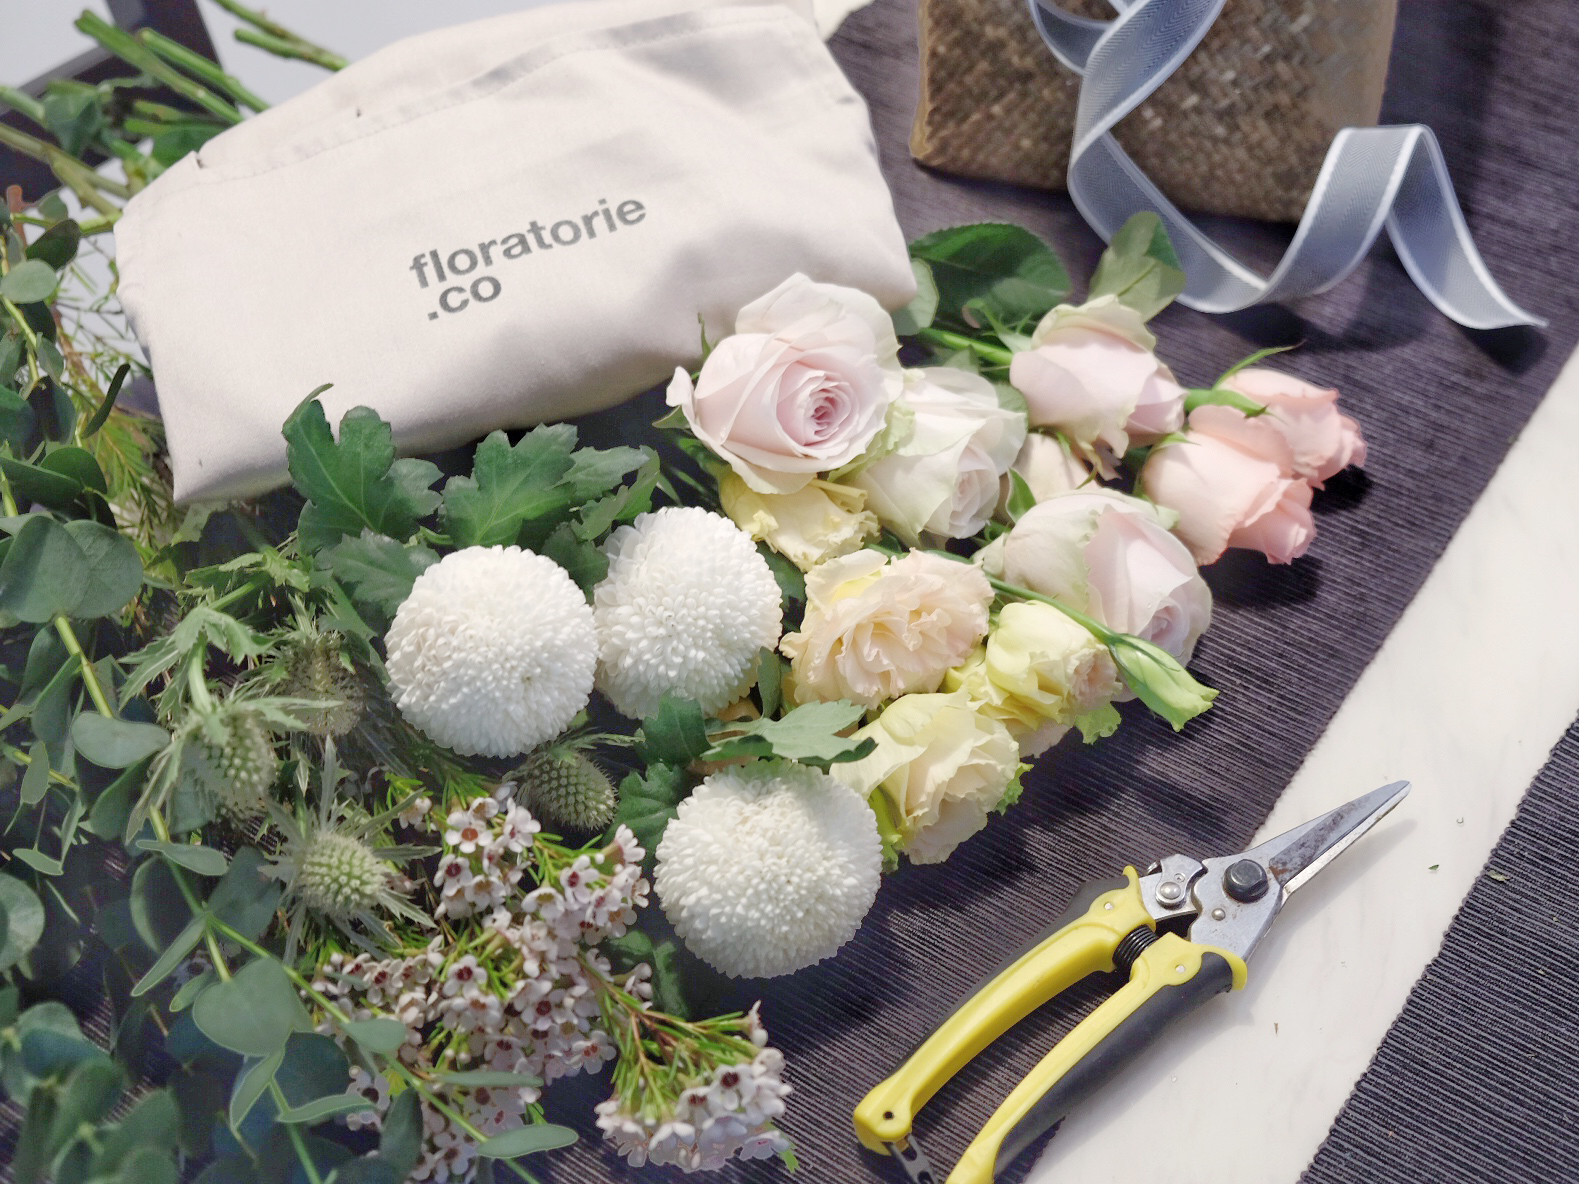 Floratorie - Singapore Online Florist | Flower Delivery | Flower Arrangment Workshop |